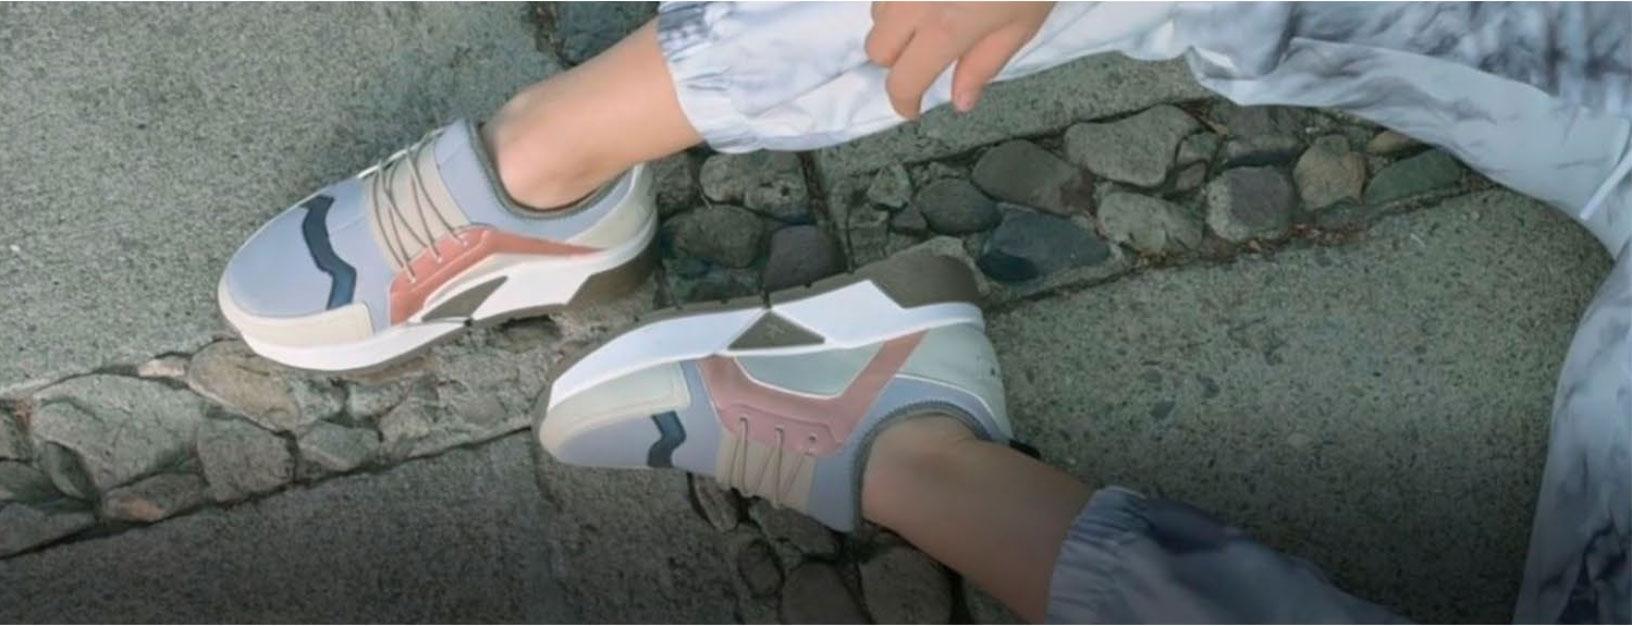 fondo calzado